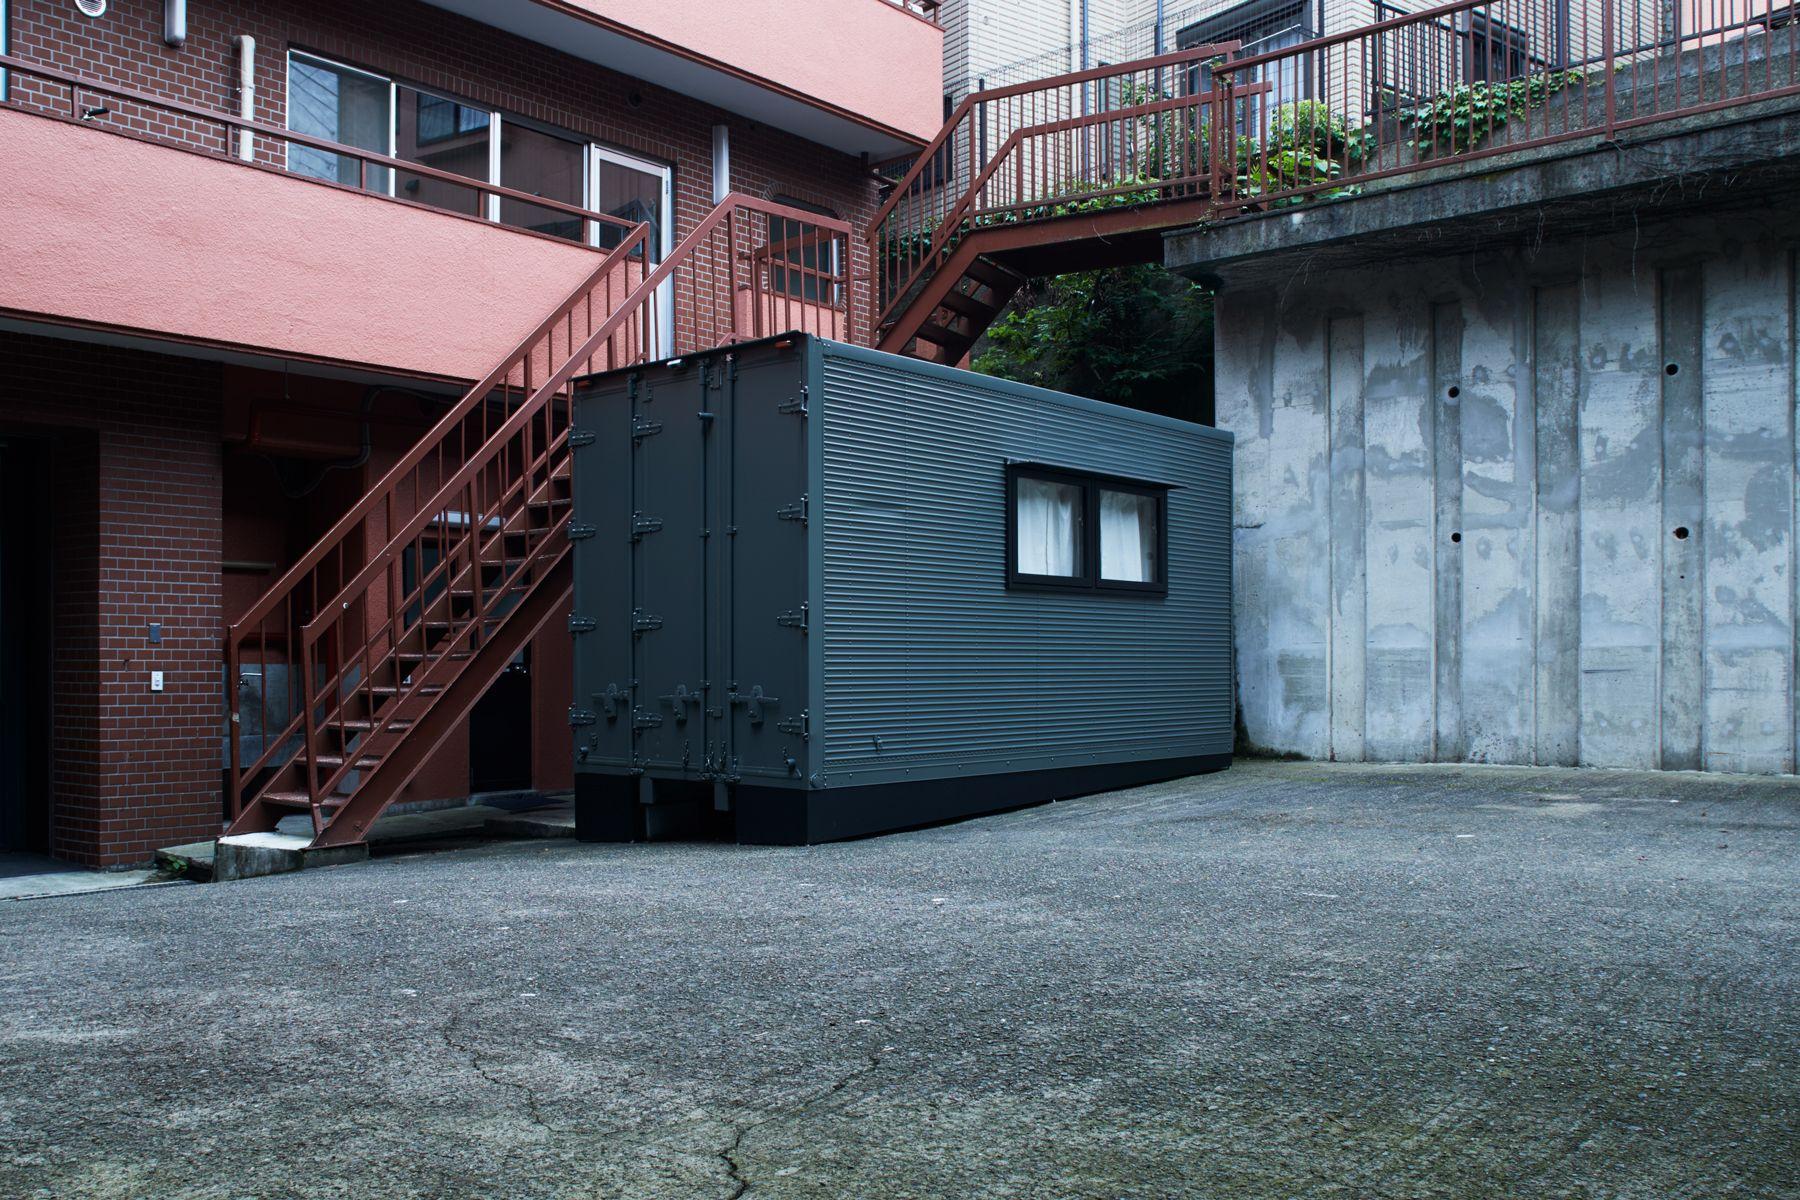 noru studio (ノル スタジオ)中庭のコンテナはメイクルーム